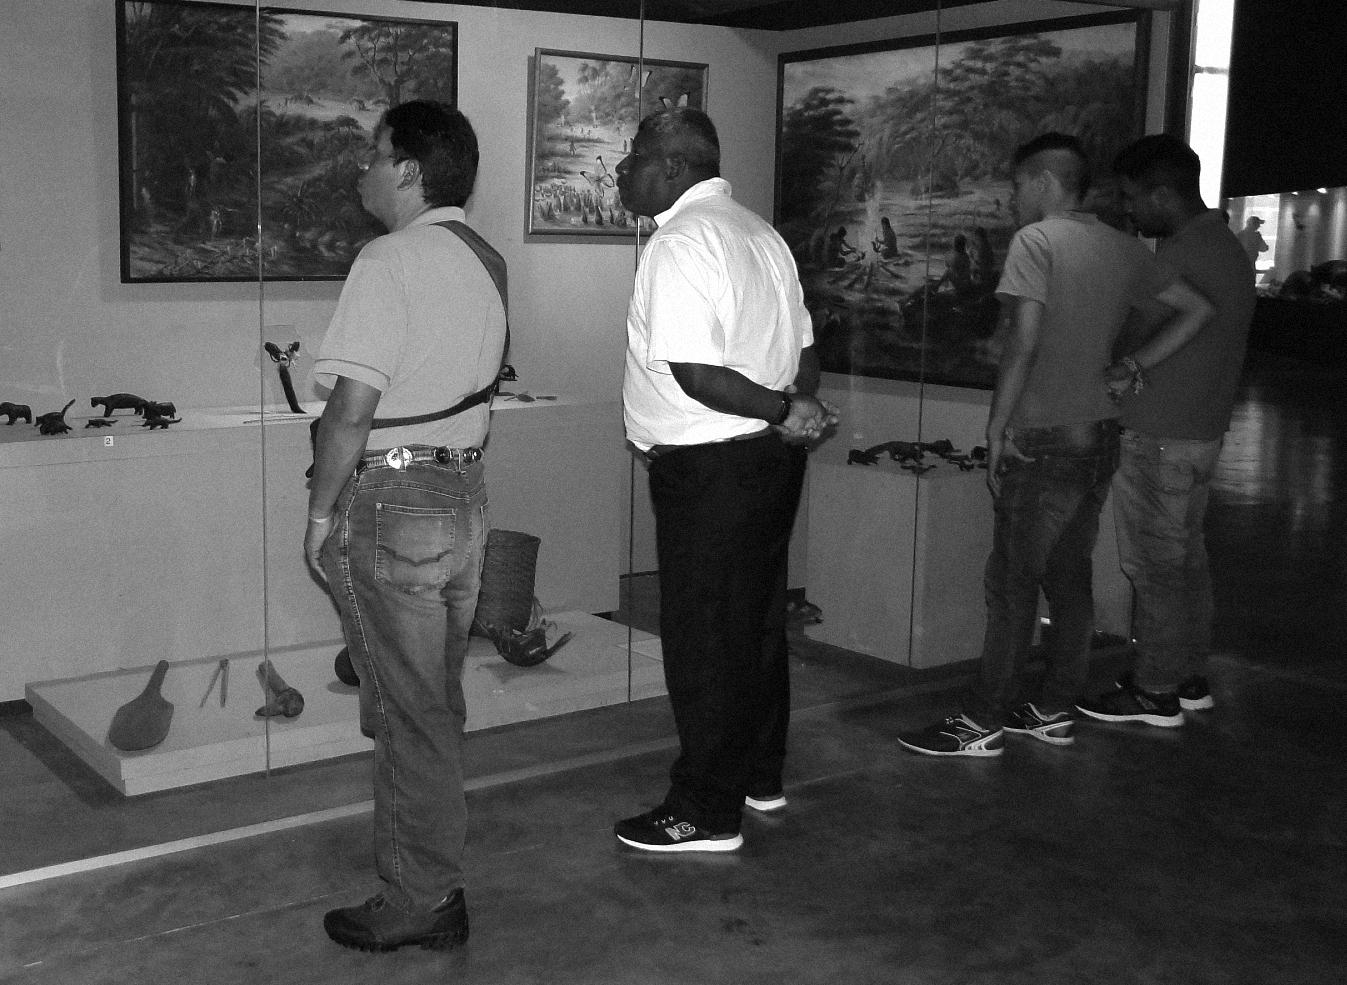 Os irmãos Claudemir e Dival, filhos de Tikuein, em exposição sobre os Xetá no MUPA